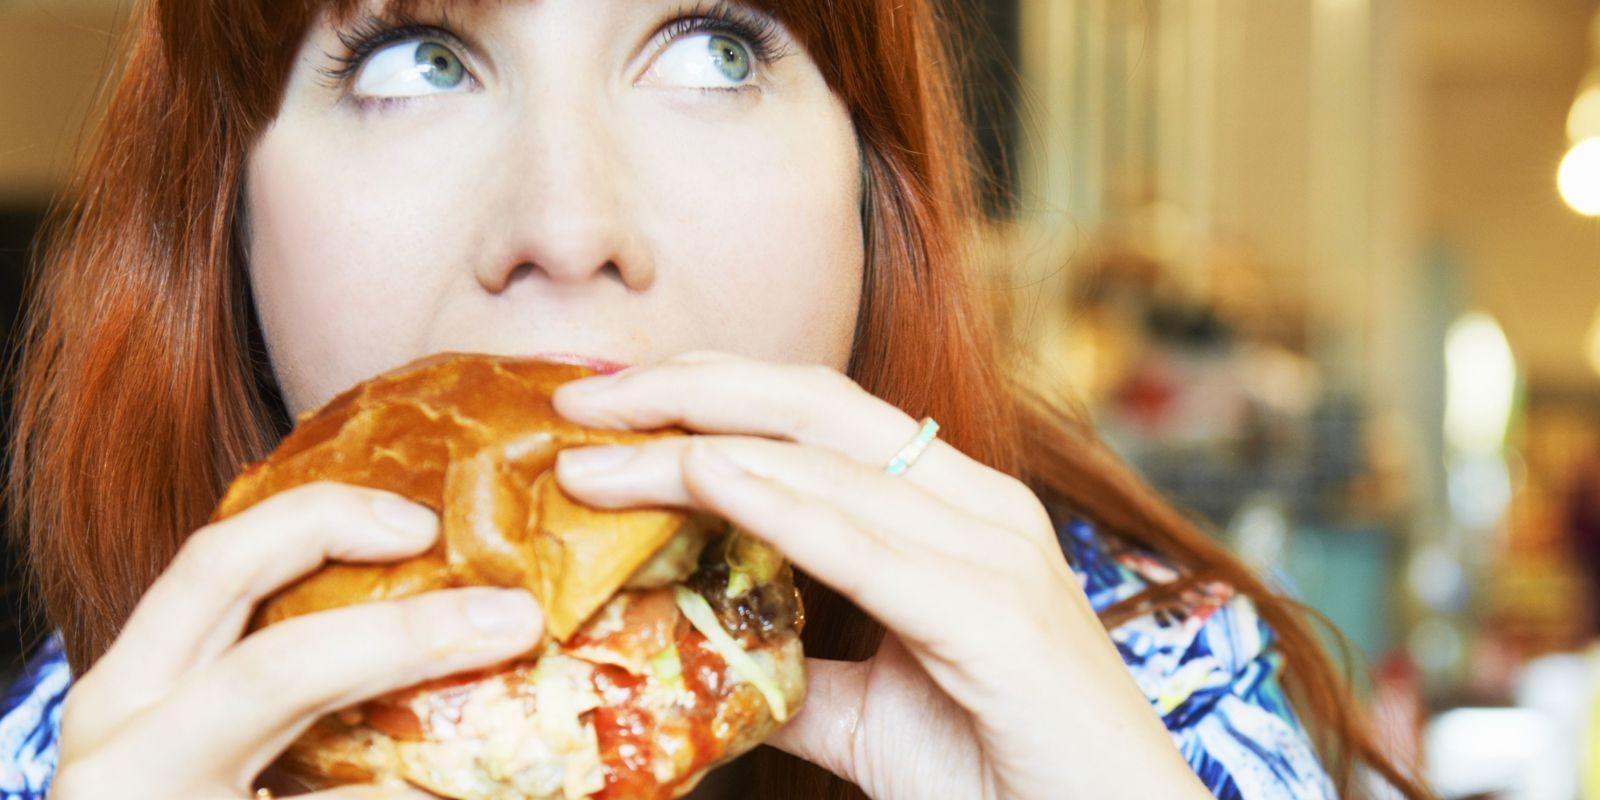 Mangiare troppo, tutte le conseguenze: non c'è solo l'aumento di peso